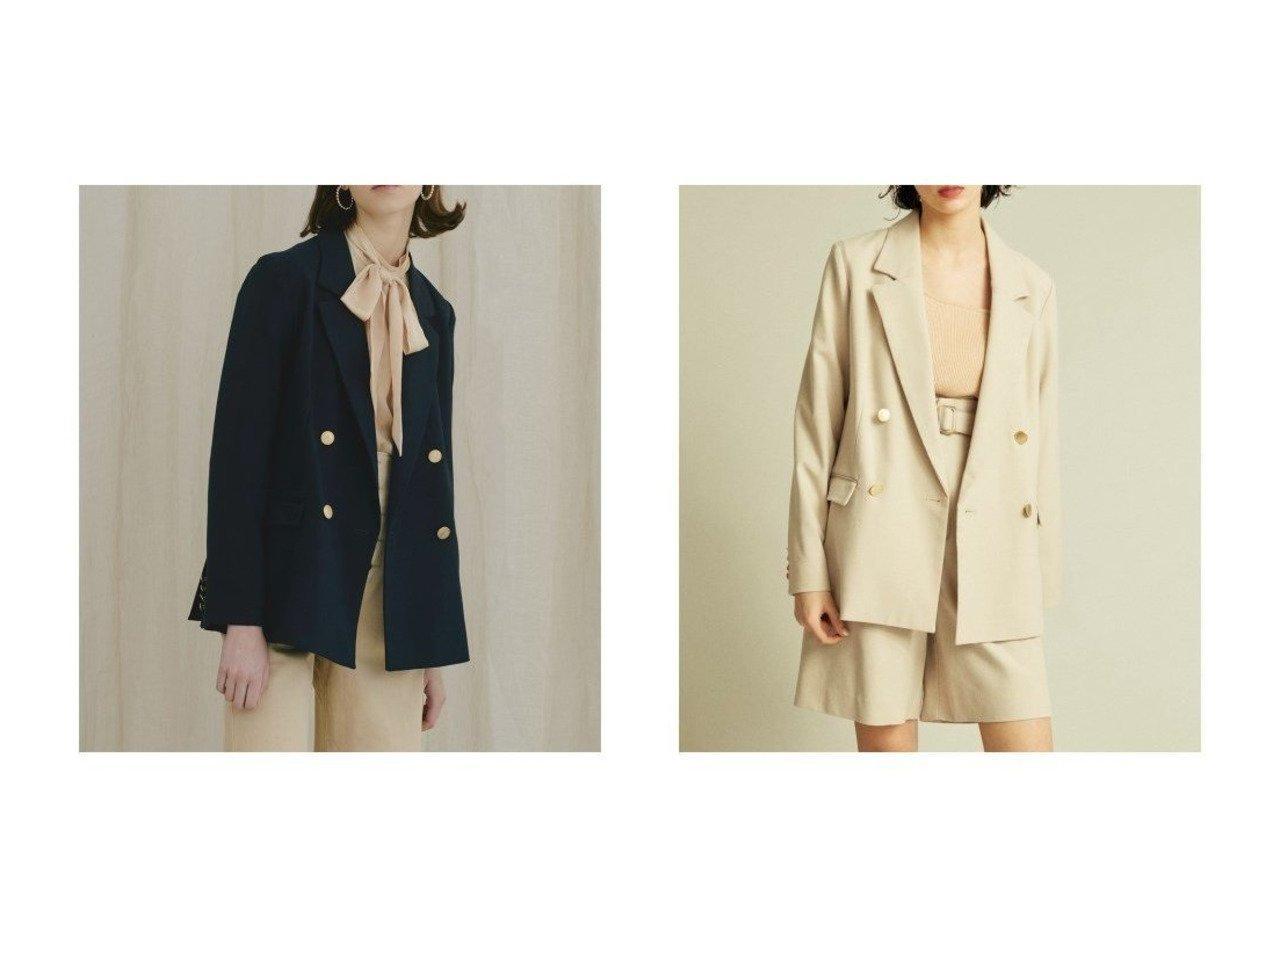 【Lily Brown/リリーブラウン】のツイルダブルジャケット リリーブラウンのおすすめ!人気、トレンド・レディースファッションの通販 おすすめで人気の流行・トレンド、ファッションの通販商品 メンズファッション・キッズファッション・インテリア・家具・レディースファッション・服の通販 founy(ファニー) https://founy.com/ ファッション Fashion レディースファッション WOMEN アウター Coat Outerwear ジャケット Jackets テーラードジャケット Tailored Jackets 春 Spring ショート ジャケット スタンダード ストライプ スマート セットアップ ダブル 定番 Standard ベーシック ラベンダー ロング 再入荷 Restock/Back in Stock/Re Arrival S/S 春夏 SS Spring/Summer おすすめ Recommend |ID:crp329100000022013